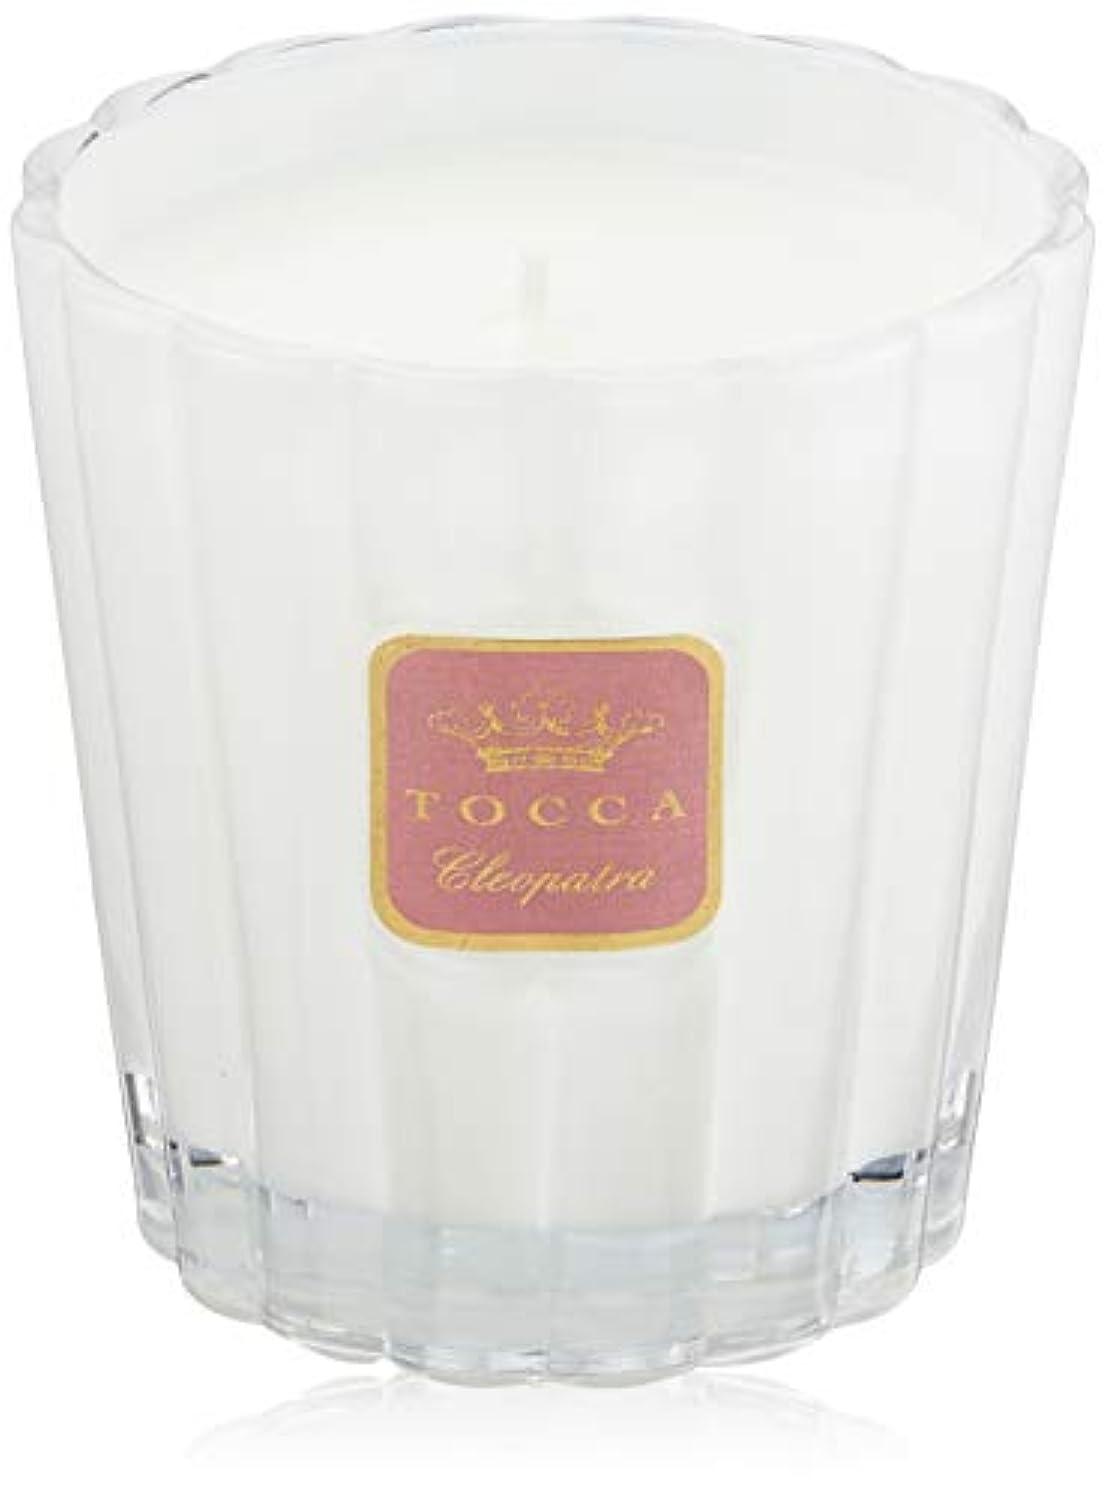 ブランド無意識ナプキントッカ(TOCCA) キャンドル クレオパトラの香り 約287g (ろうそく フレッシュでクリーンな香り)